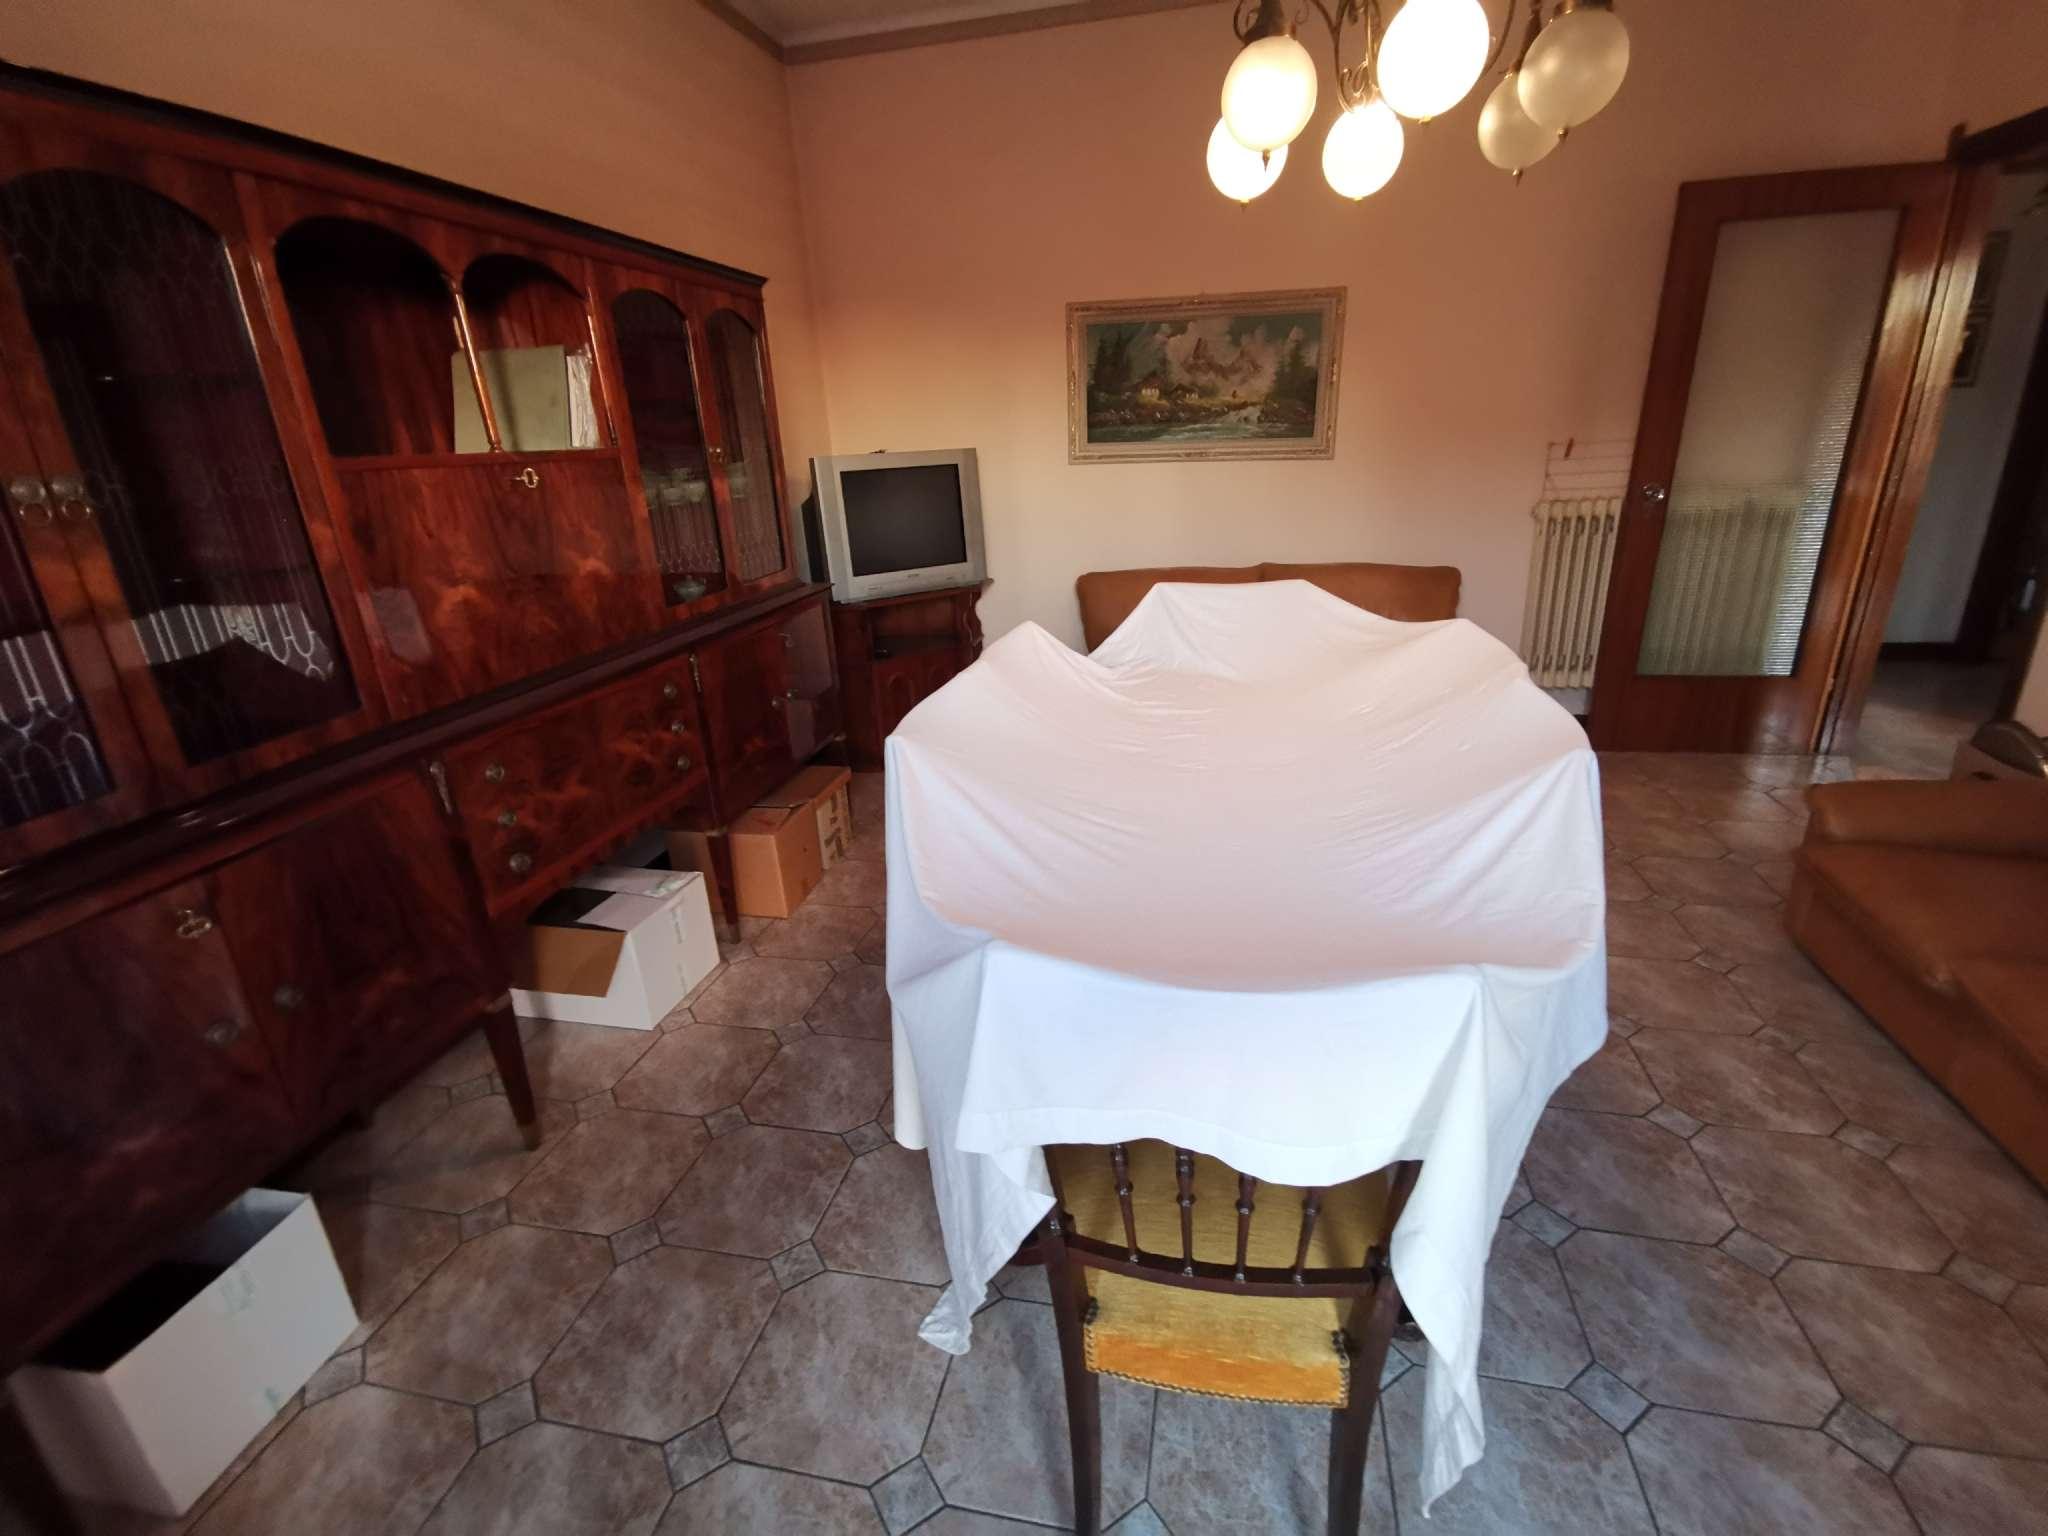 Spino d'Adda Spino d'Adda Vendita APPARTAMENTO >> annunci economici vendita appartamenti a torino e provincia